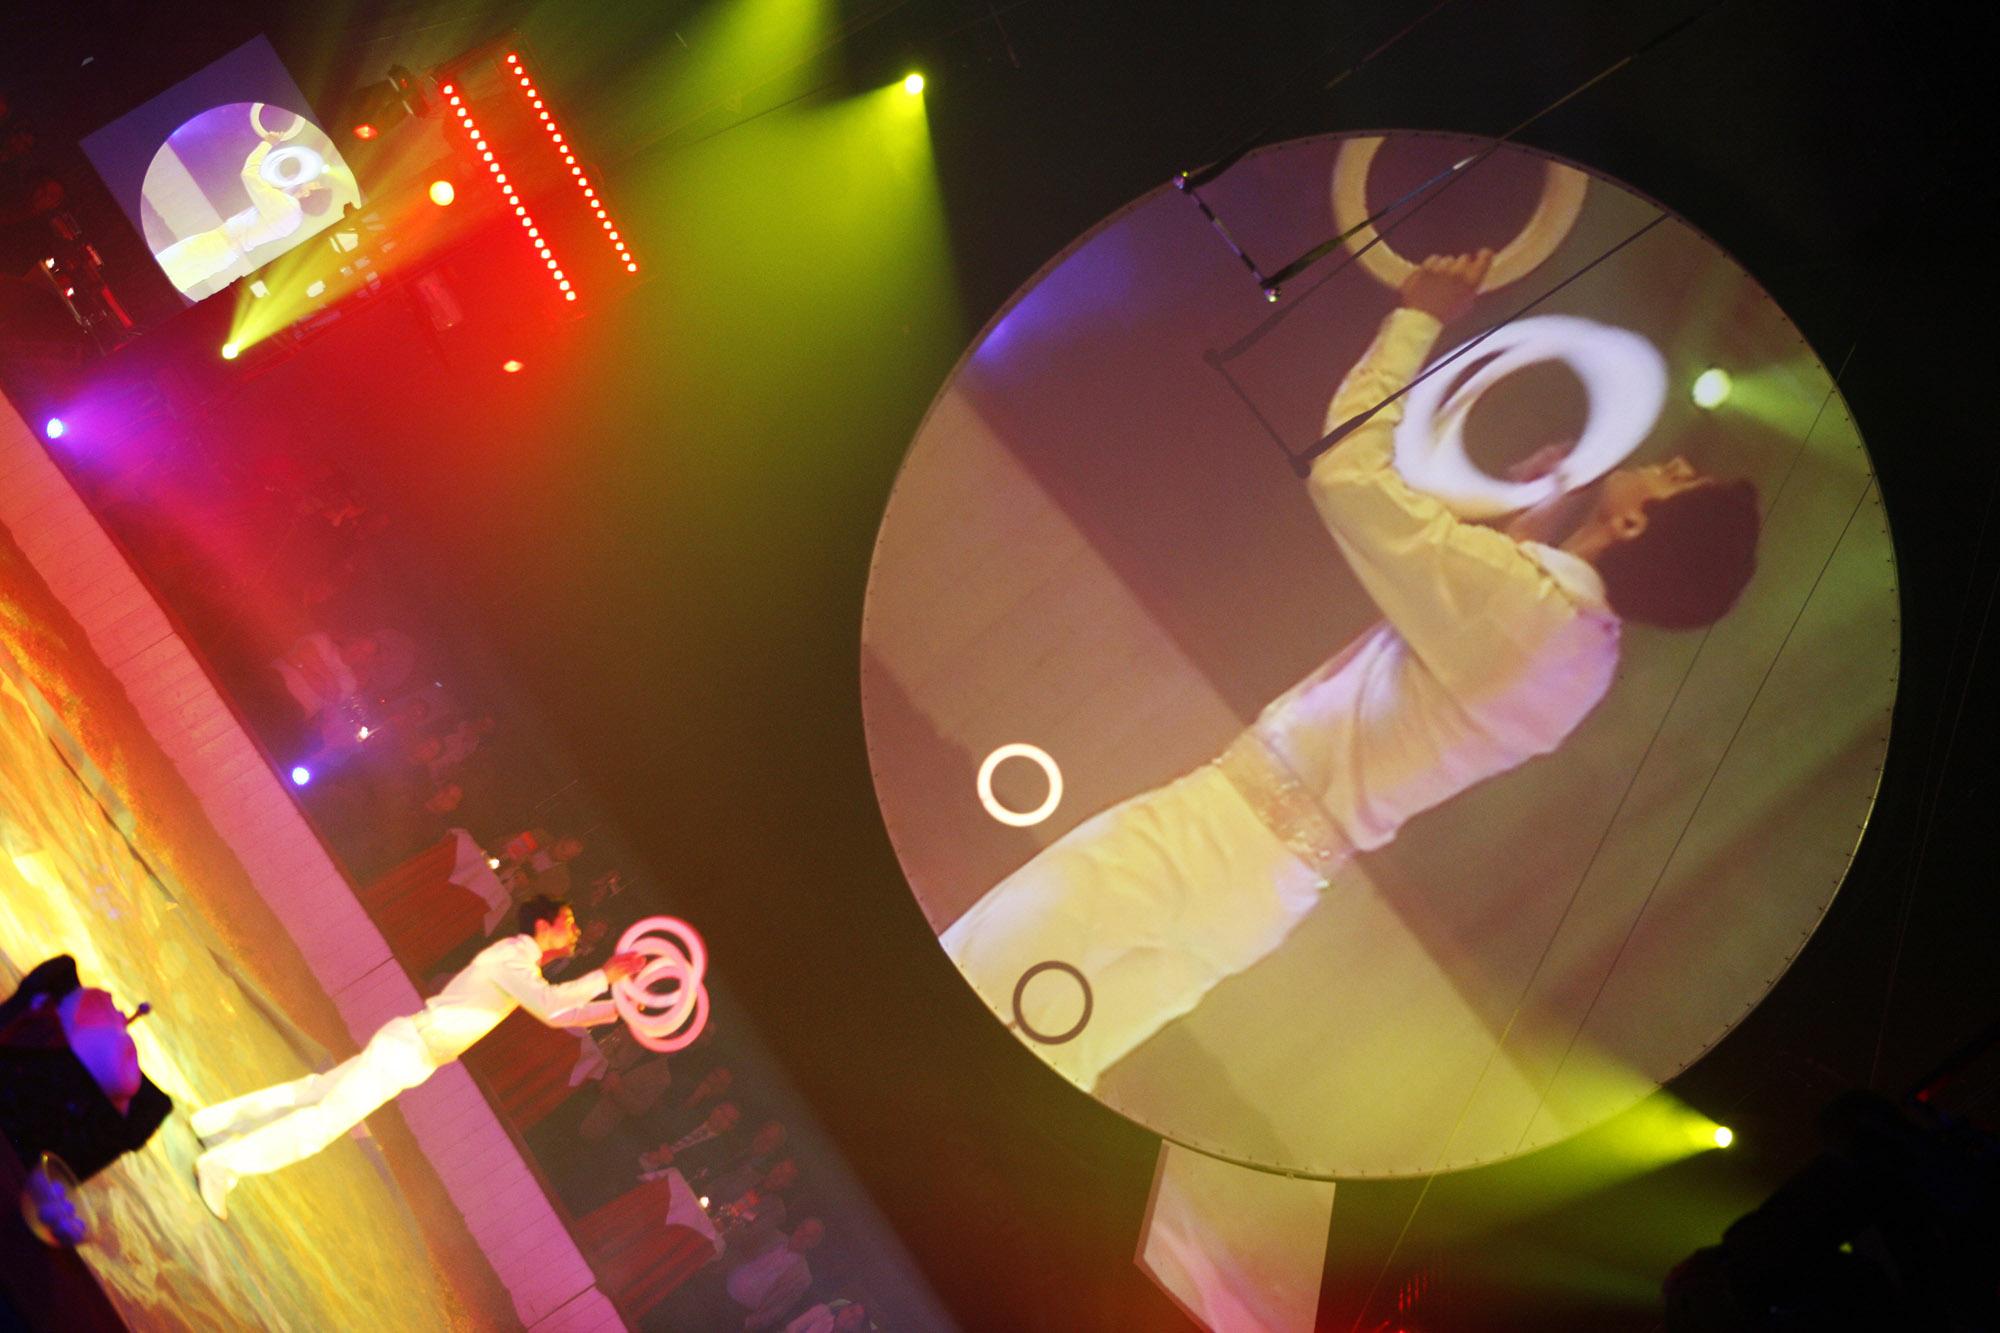 Quester_Zirkus_08.jpg